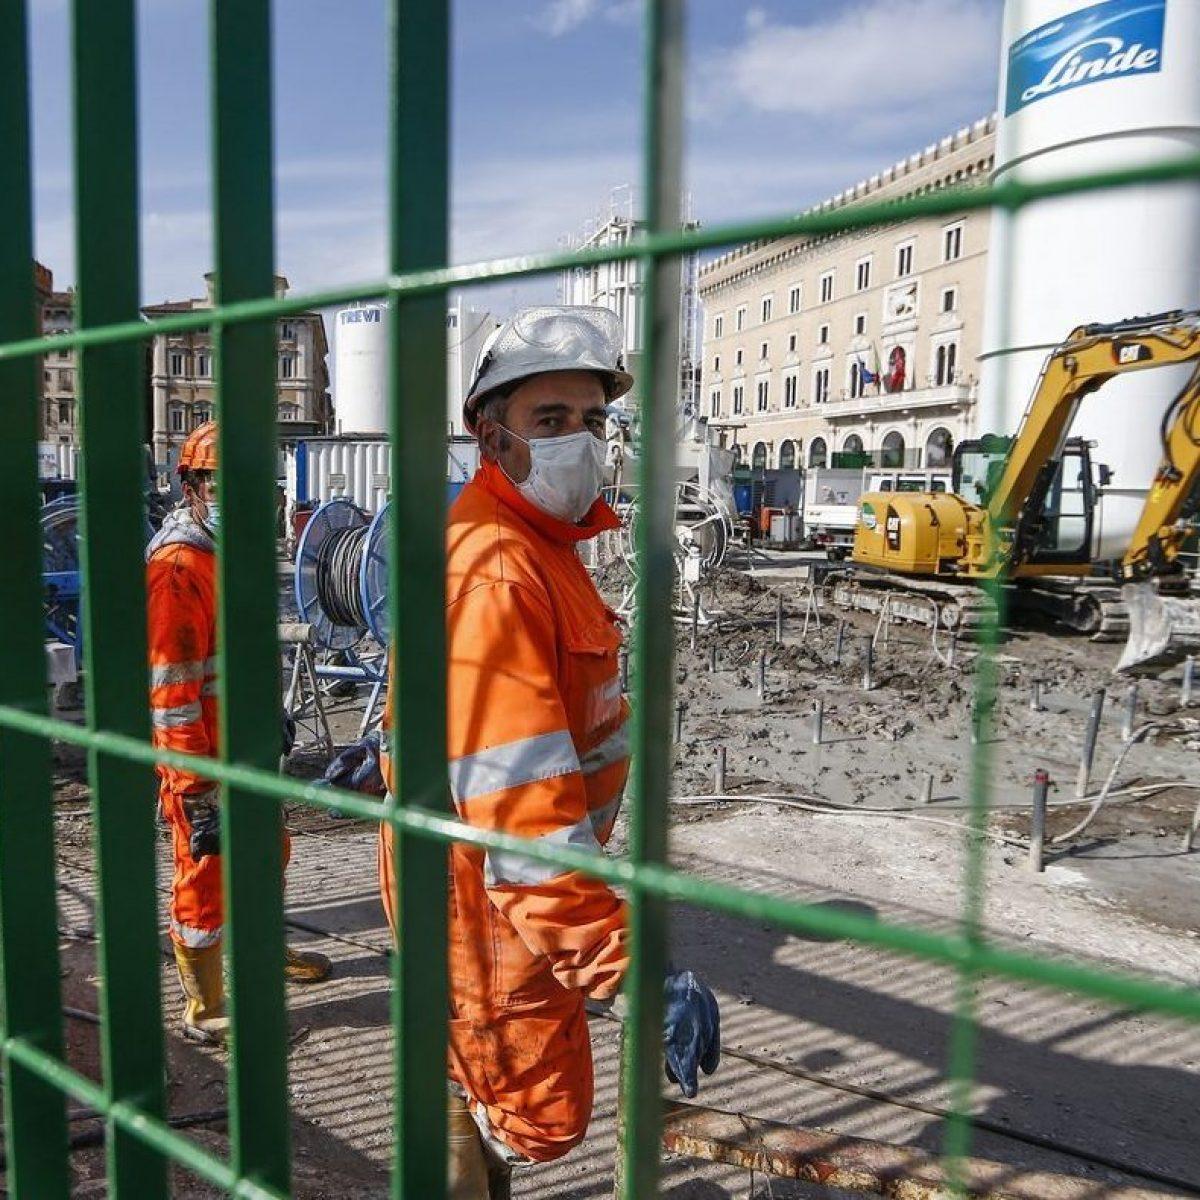 Imprese Di Costruzioni Campania l'allarme dei costruttori: riaprire le librerie? pazzi